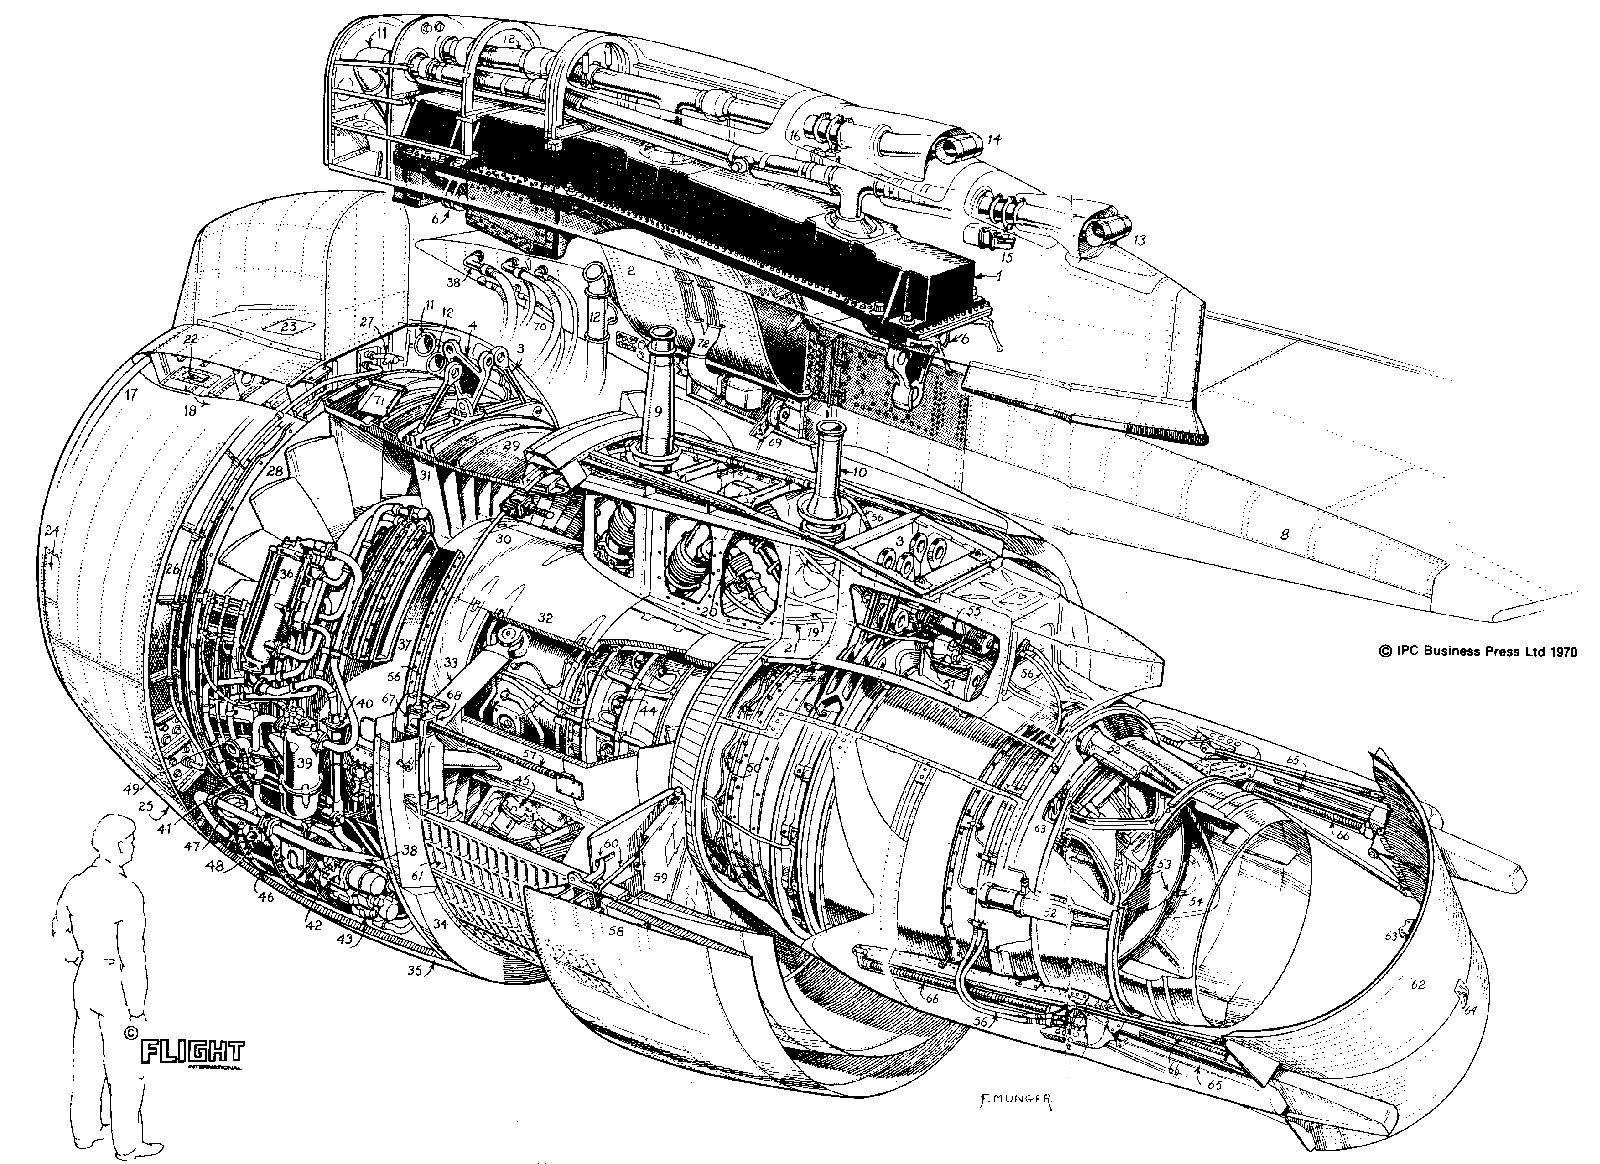 S Rolls Royce Airbus Engine Cutaway